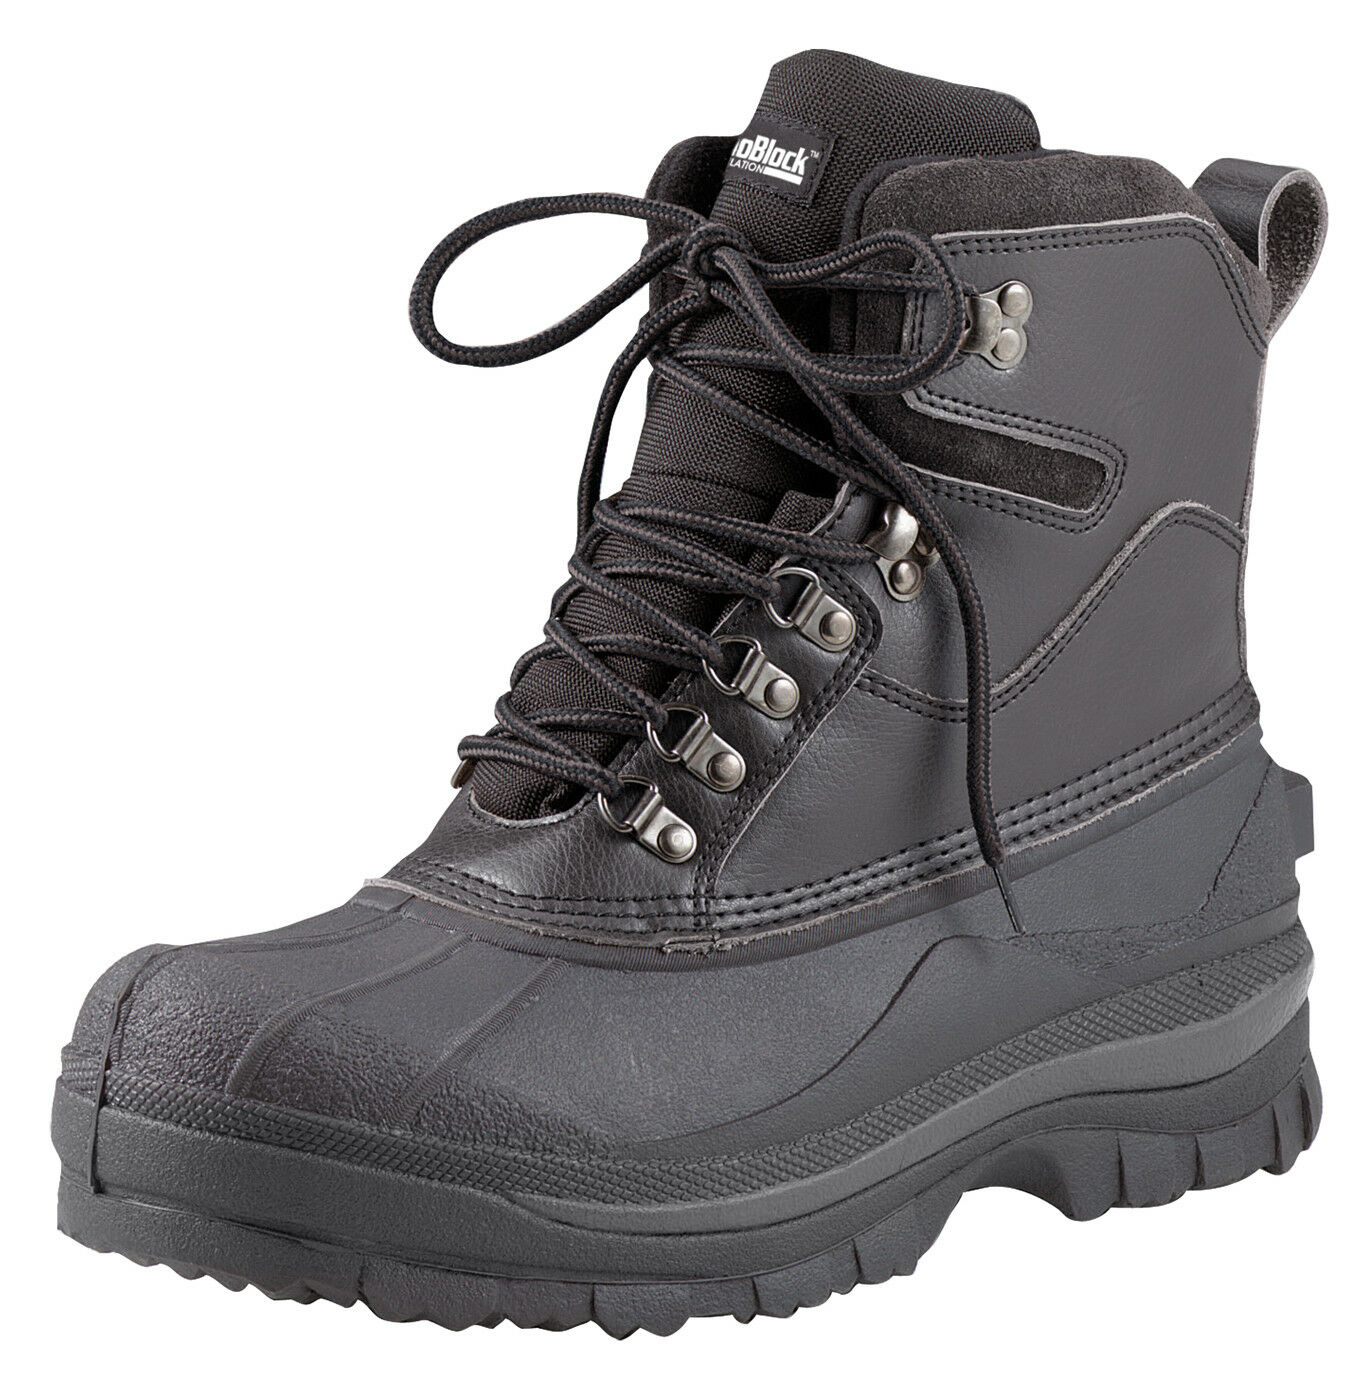 Stiefel Wasserdicht Kaltes Kaltes Kaltes Wetter Wandern Schwarz 8   Isoliert Rothco 5459    | Ausgezeichneter Wert  c65c76